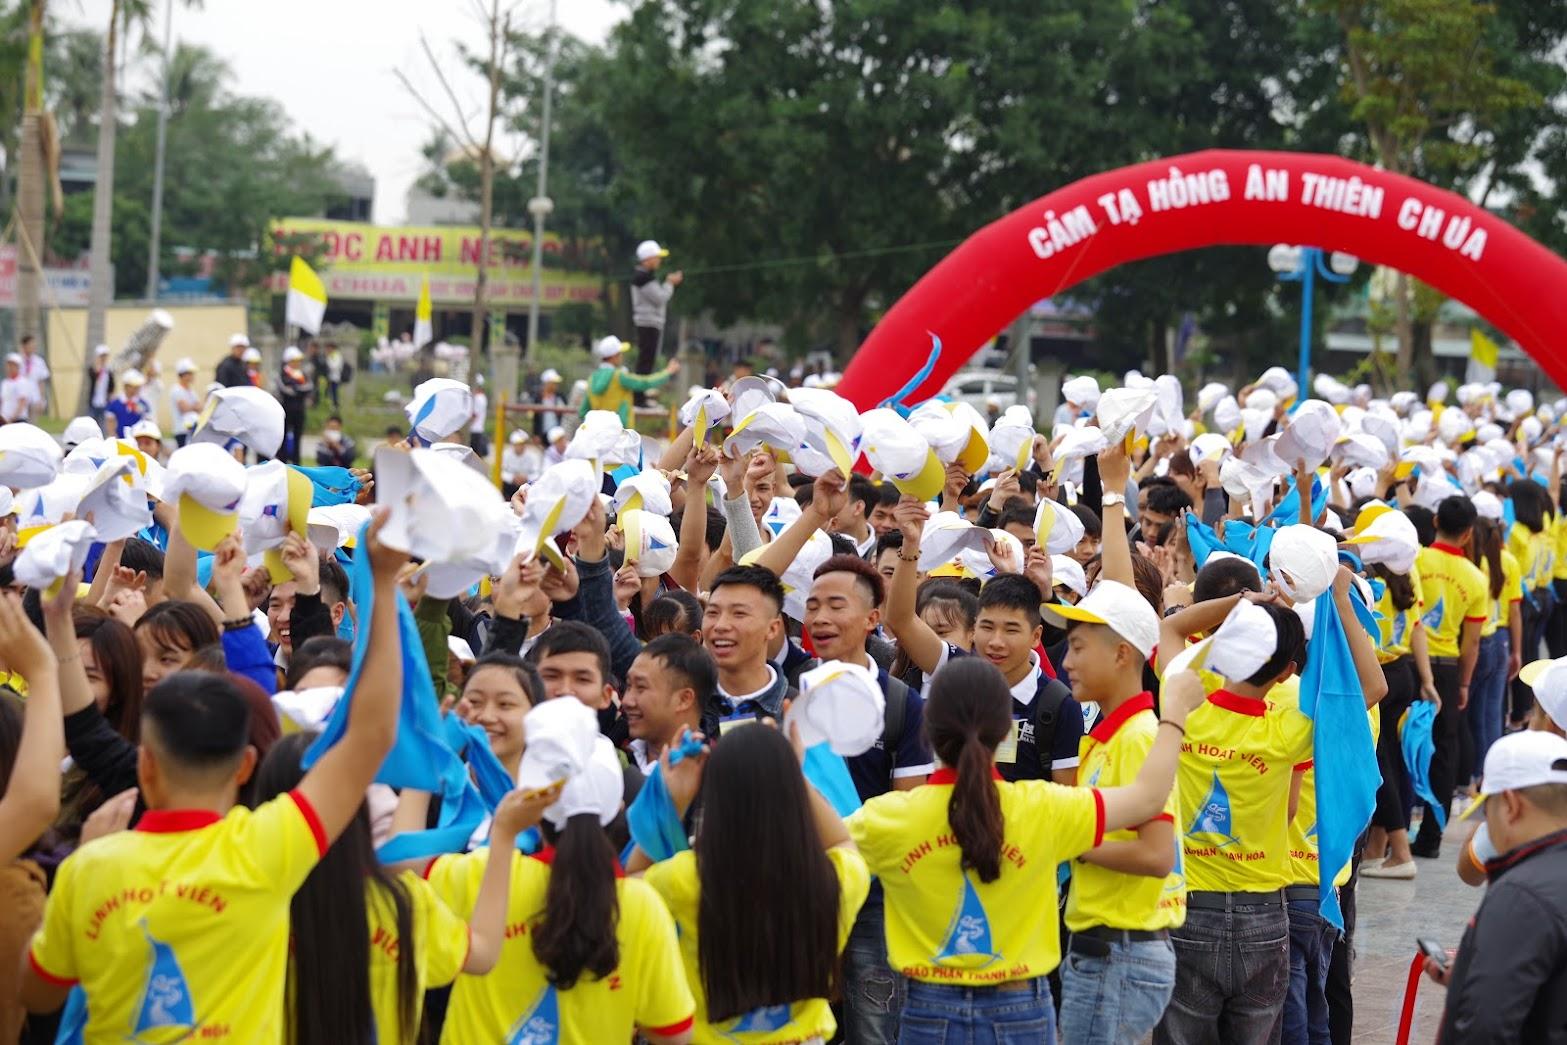 Những hình ảnh đẹp về lễ khai mạc Đại Hội Giới Trẻ giáo tỉnh Hà Nội lần thứ XV tại Thanh Hóa - Ảnh minh hoạ 3